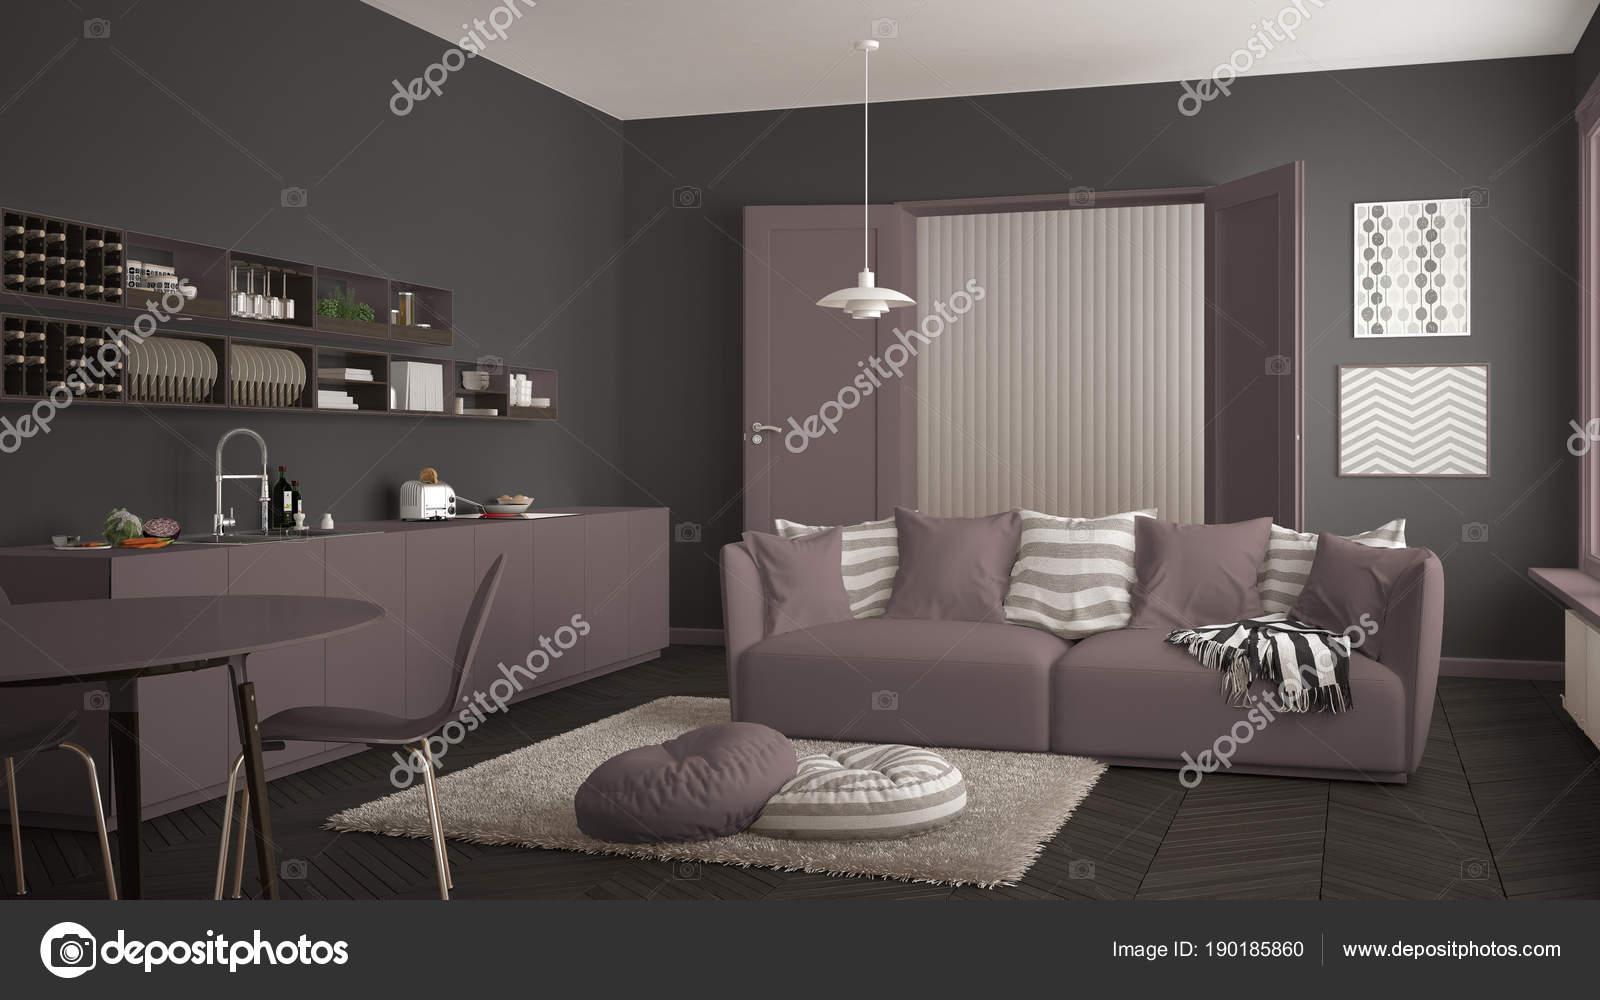 Design Eettafel Bank.Scandinavische Moderne Woonkamer Met Keuken Eettafel Bank En